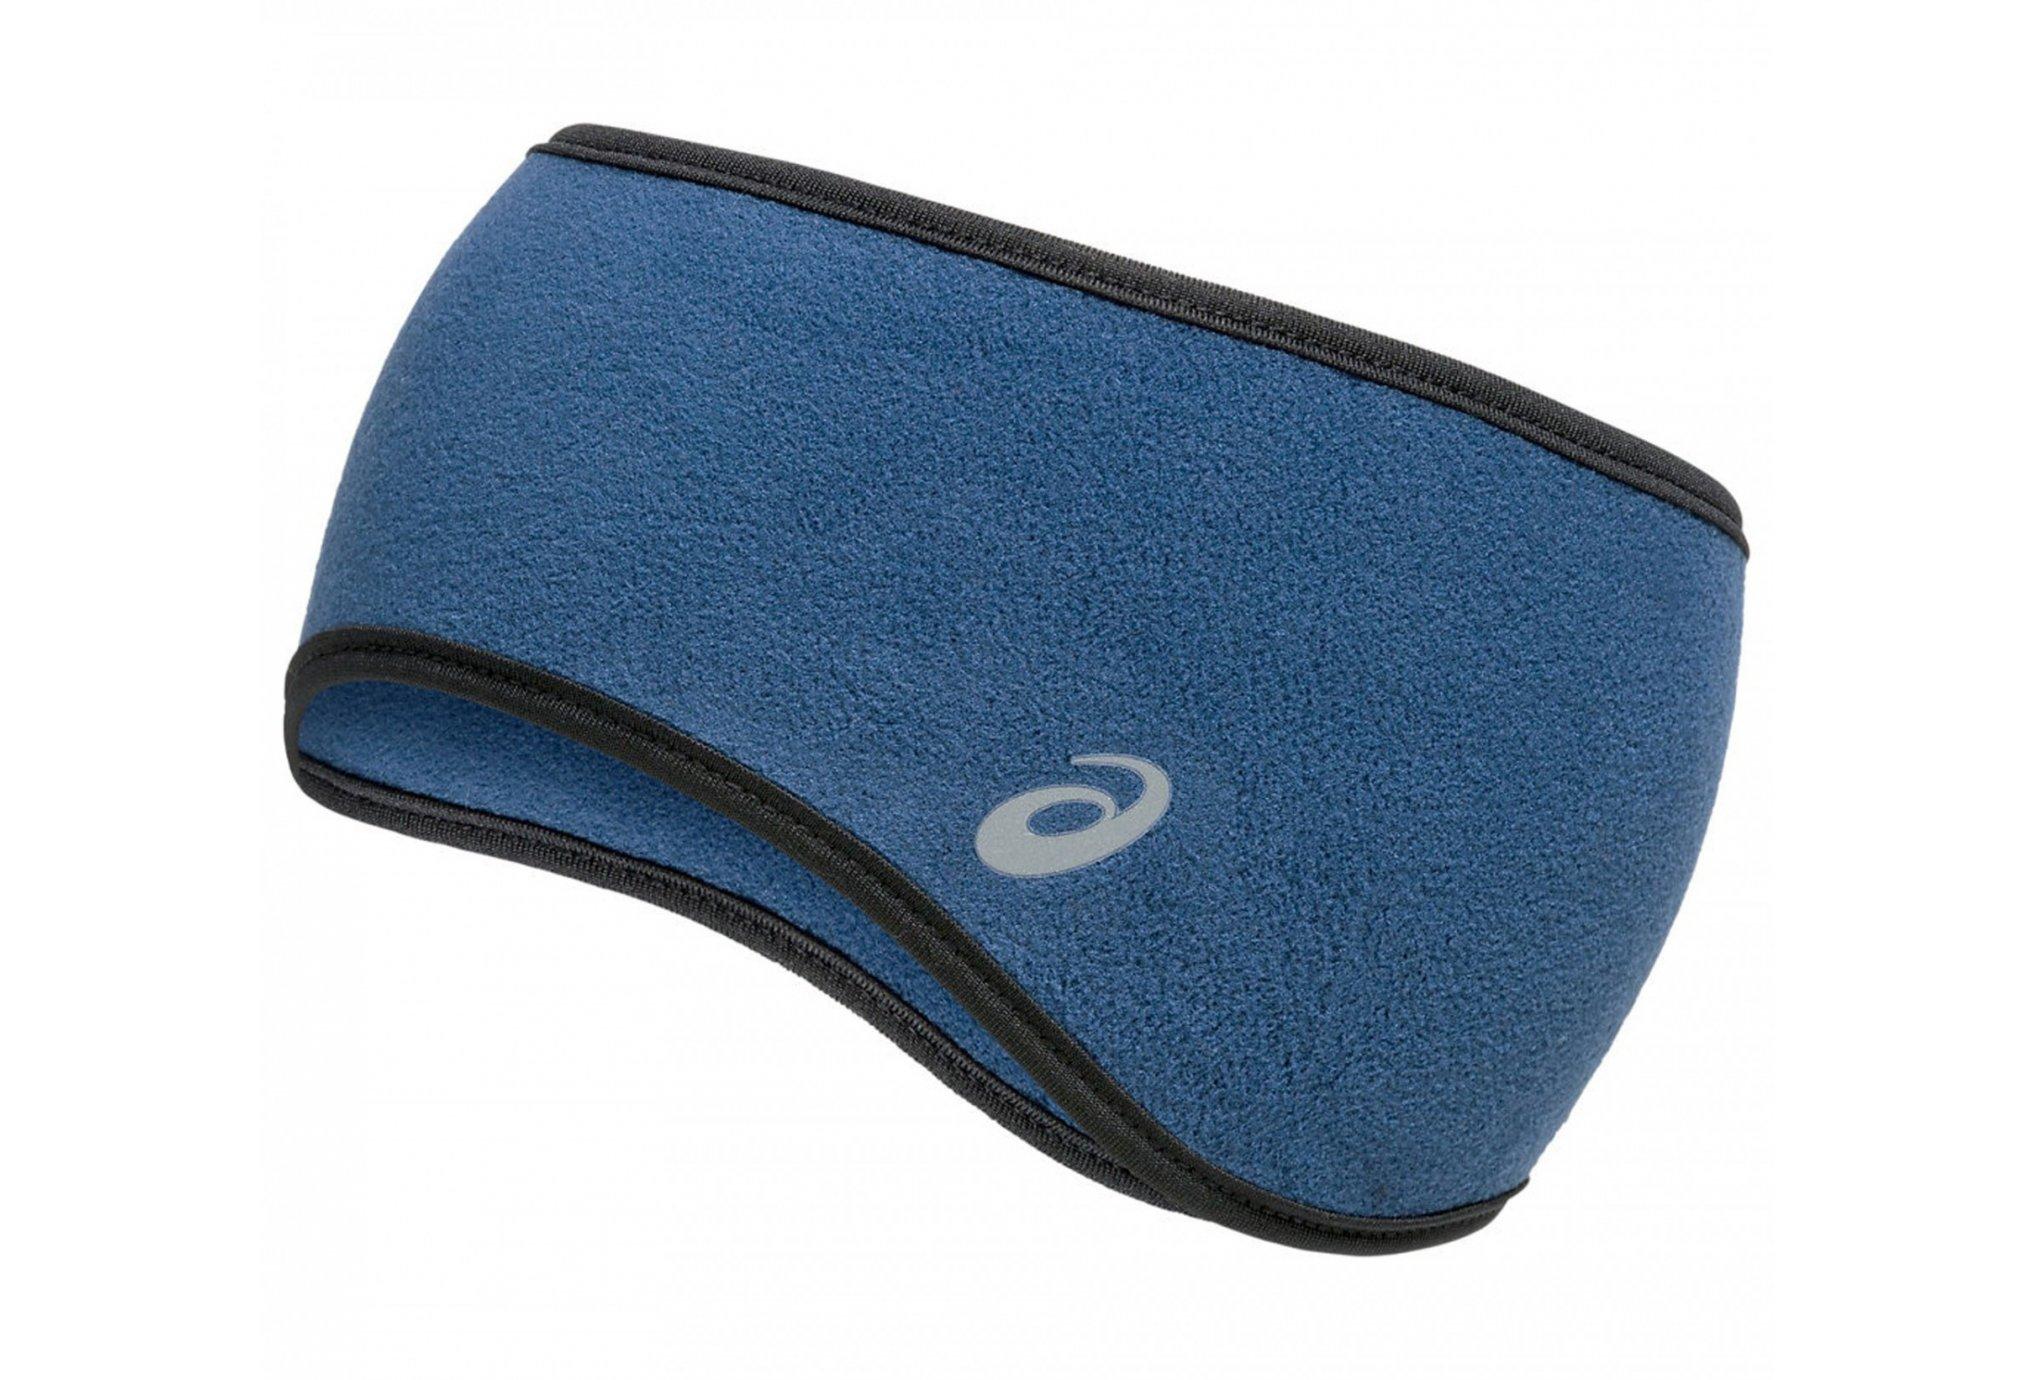 Asics Ear cover casquettes / bandeaux